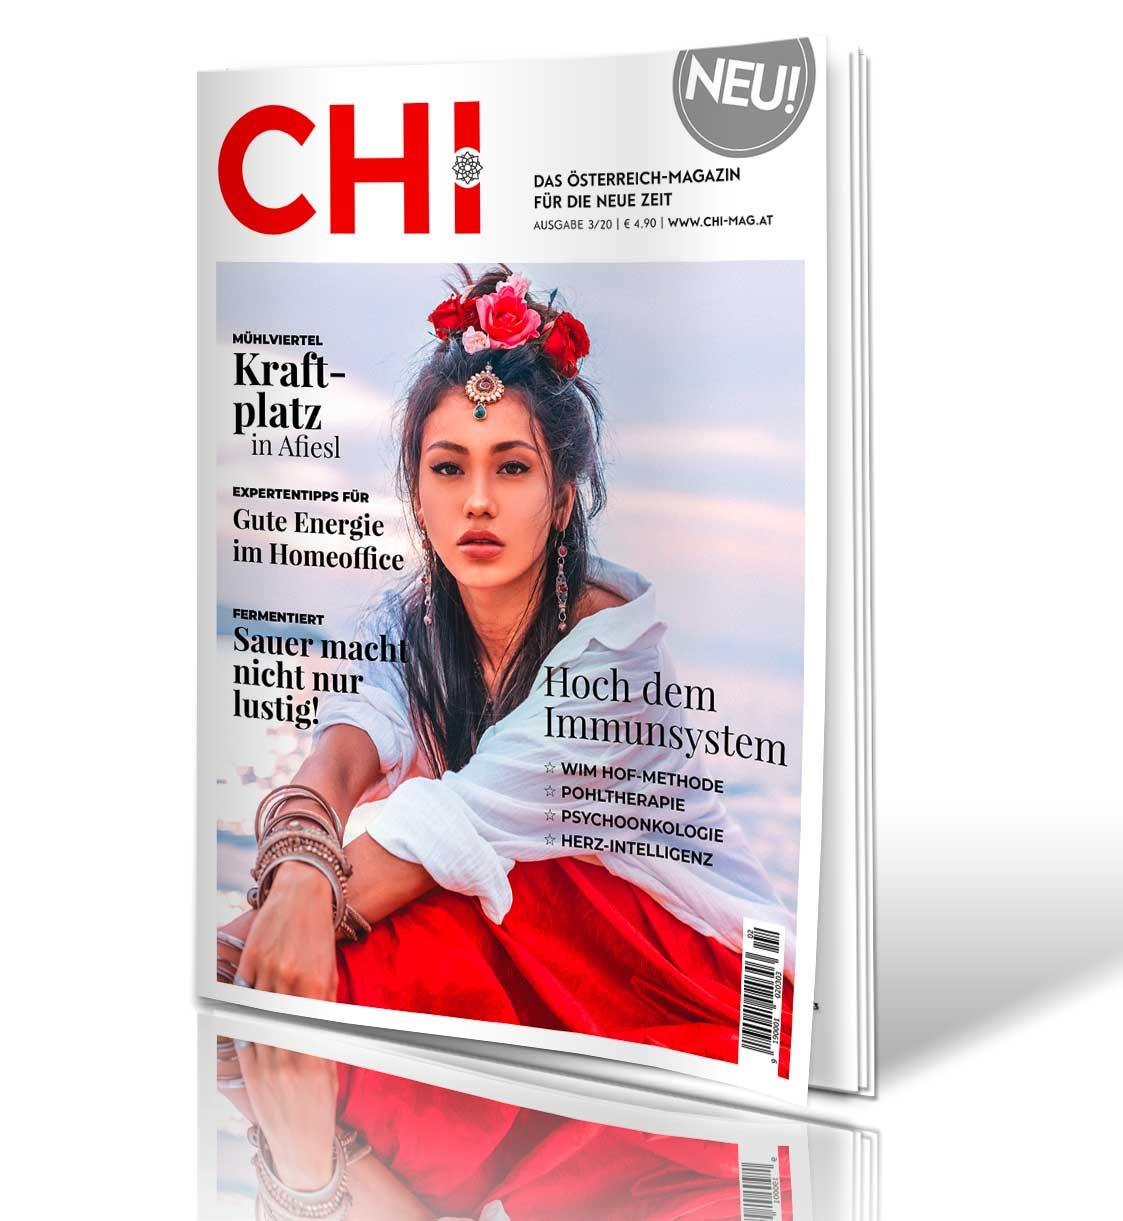 CHI. Österreich-Magazin für die Neue Zeit